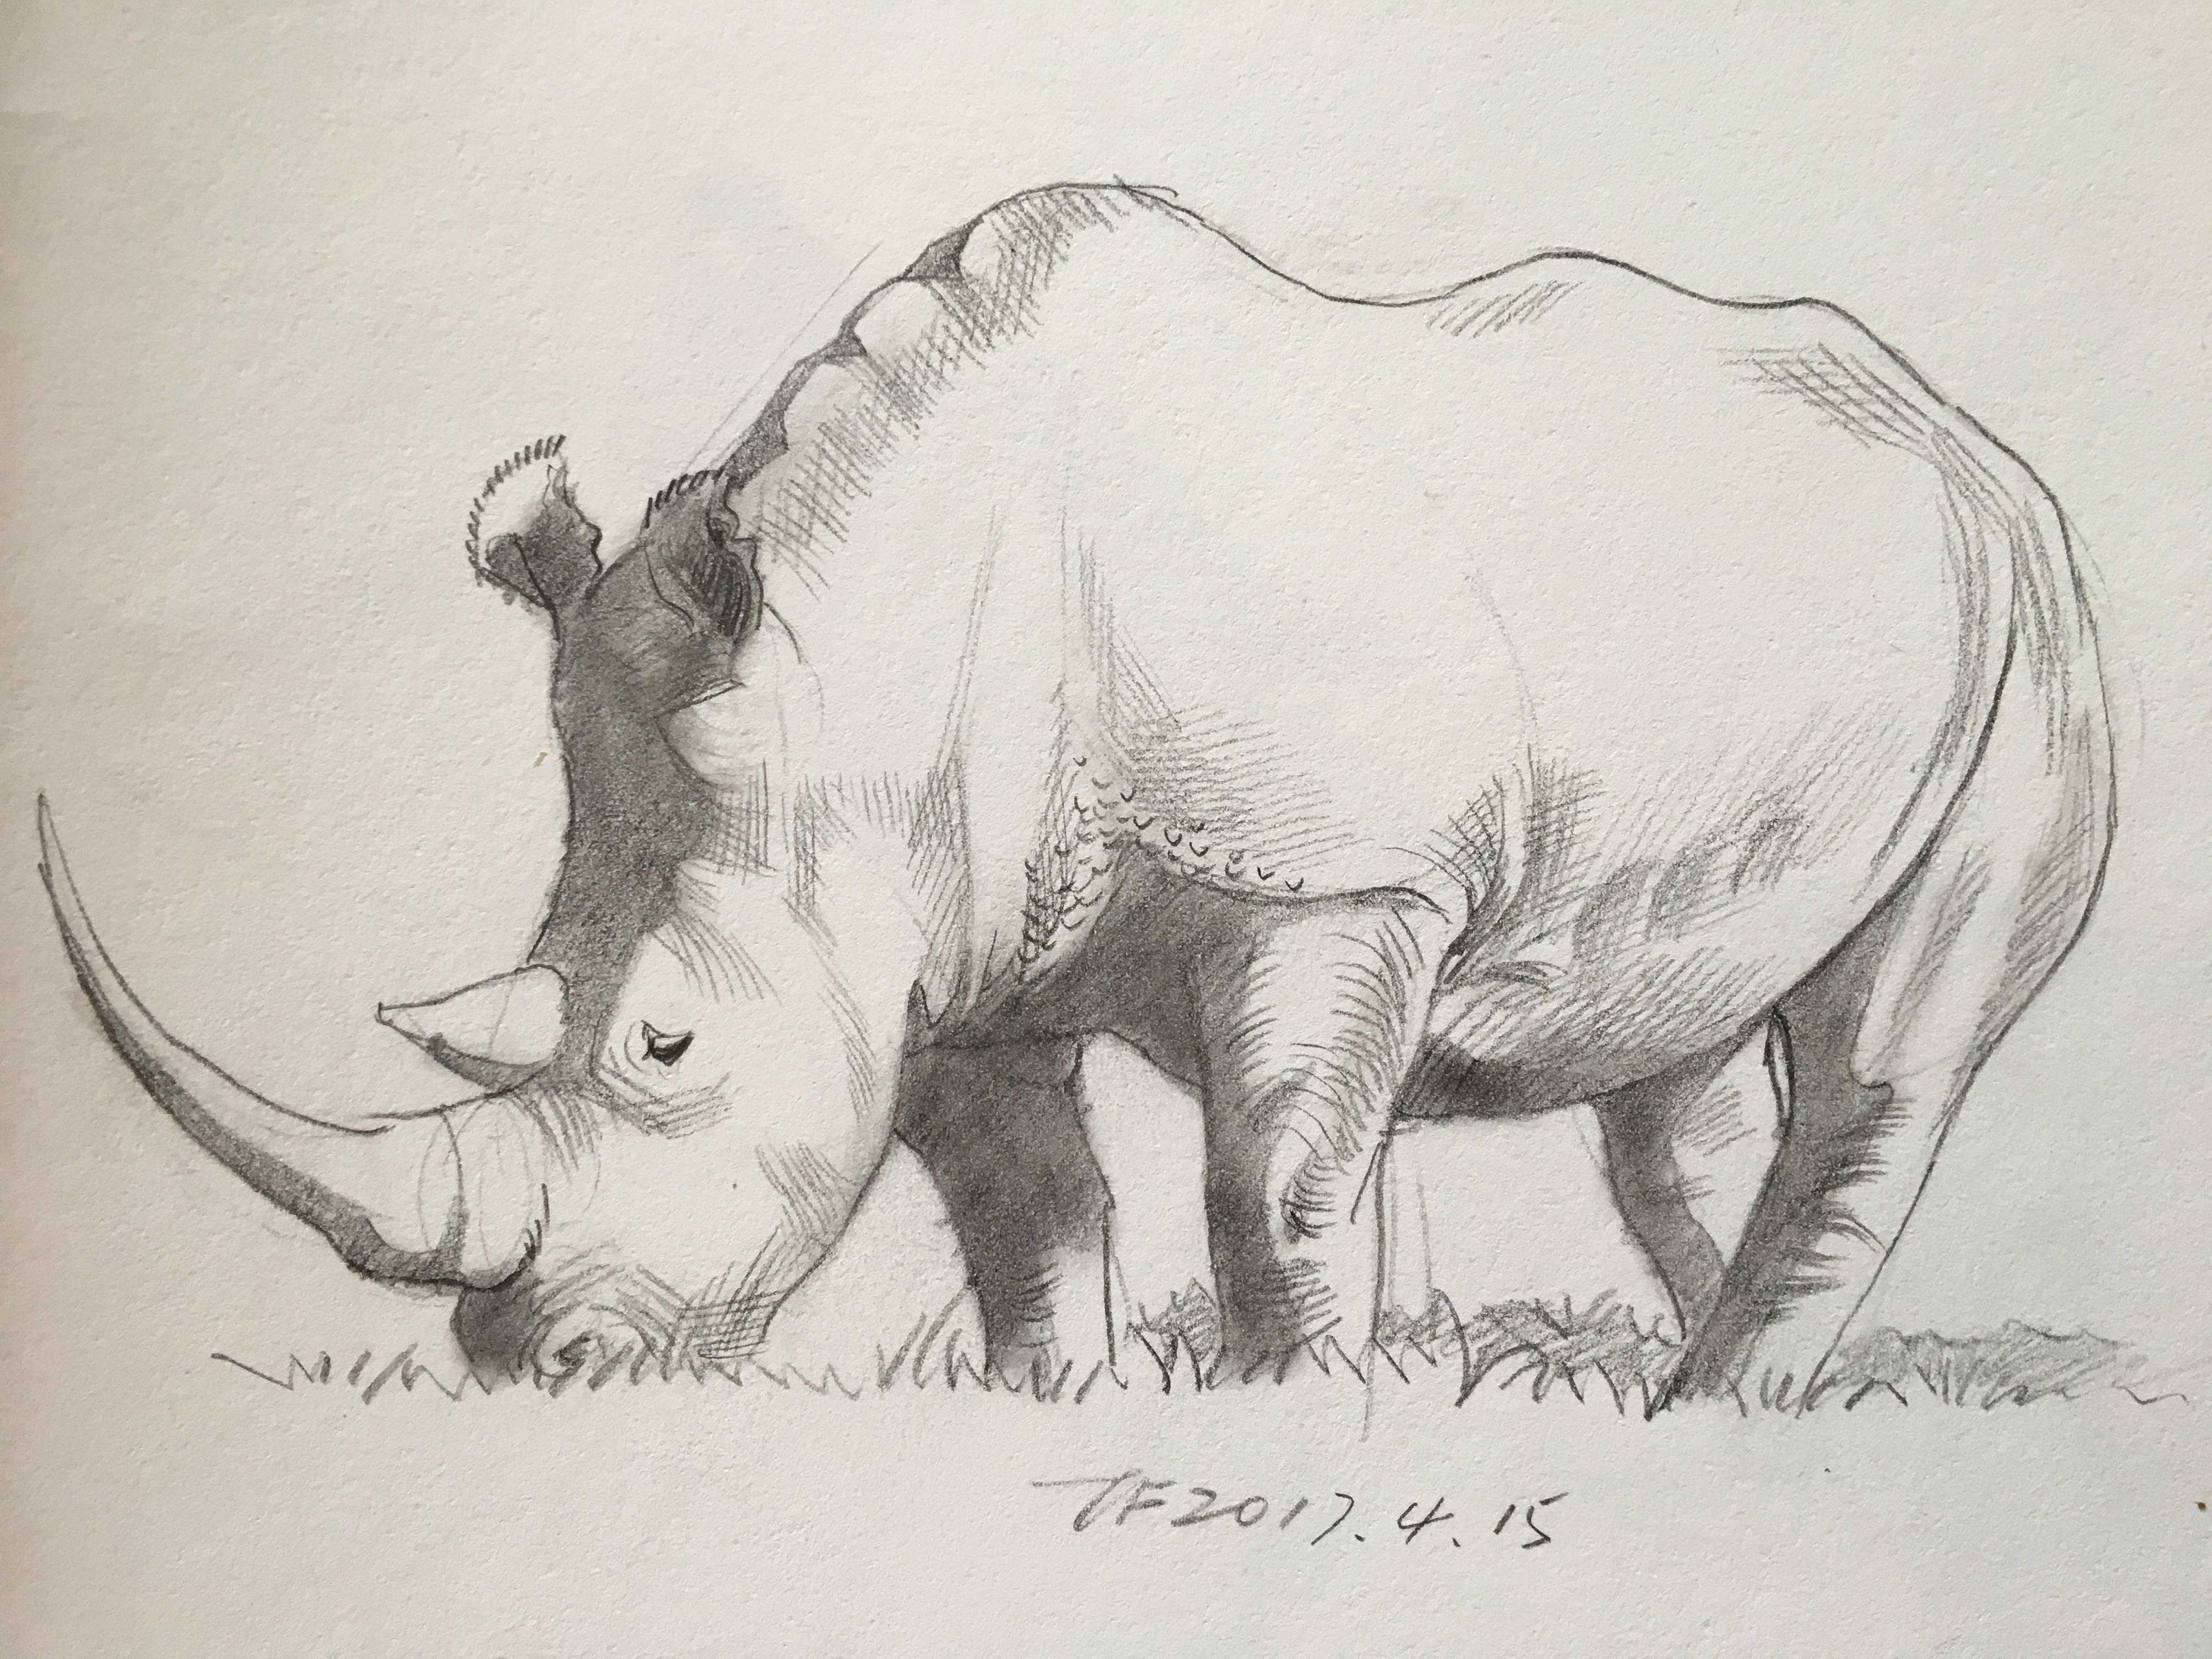 铅笔画——动物篇